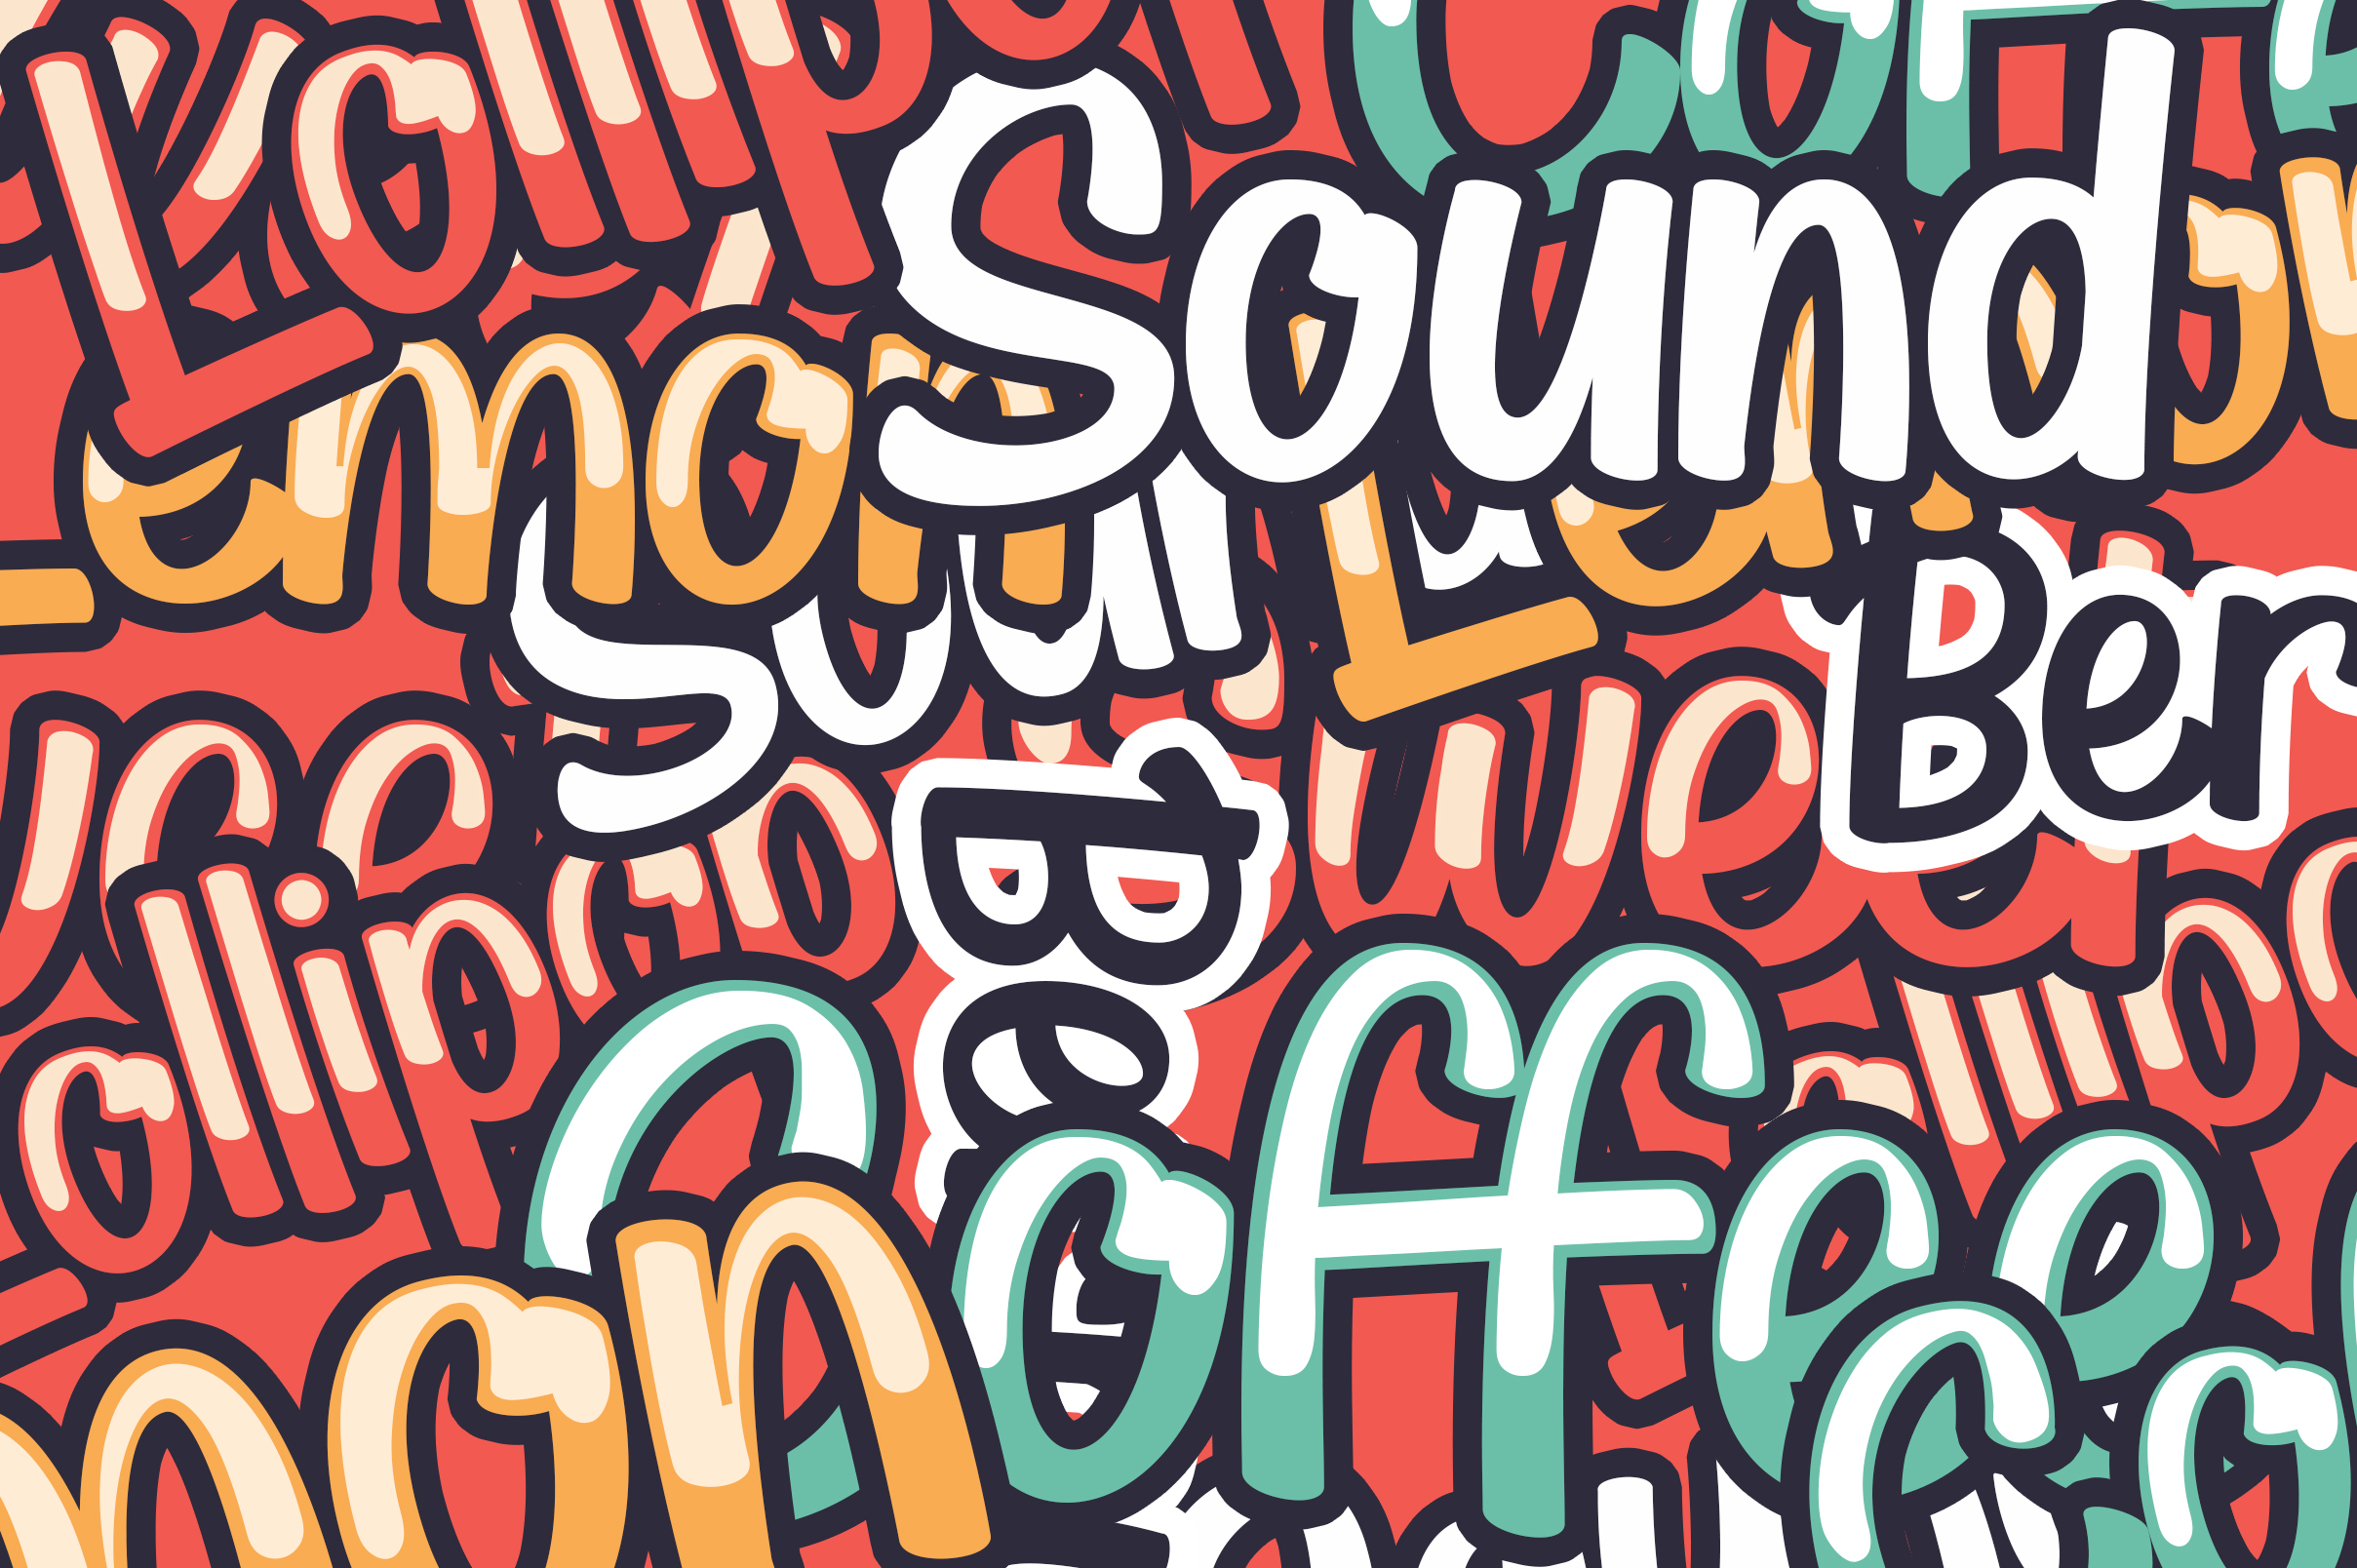 Thyeena Fonts & Illustration example image 11